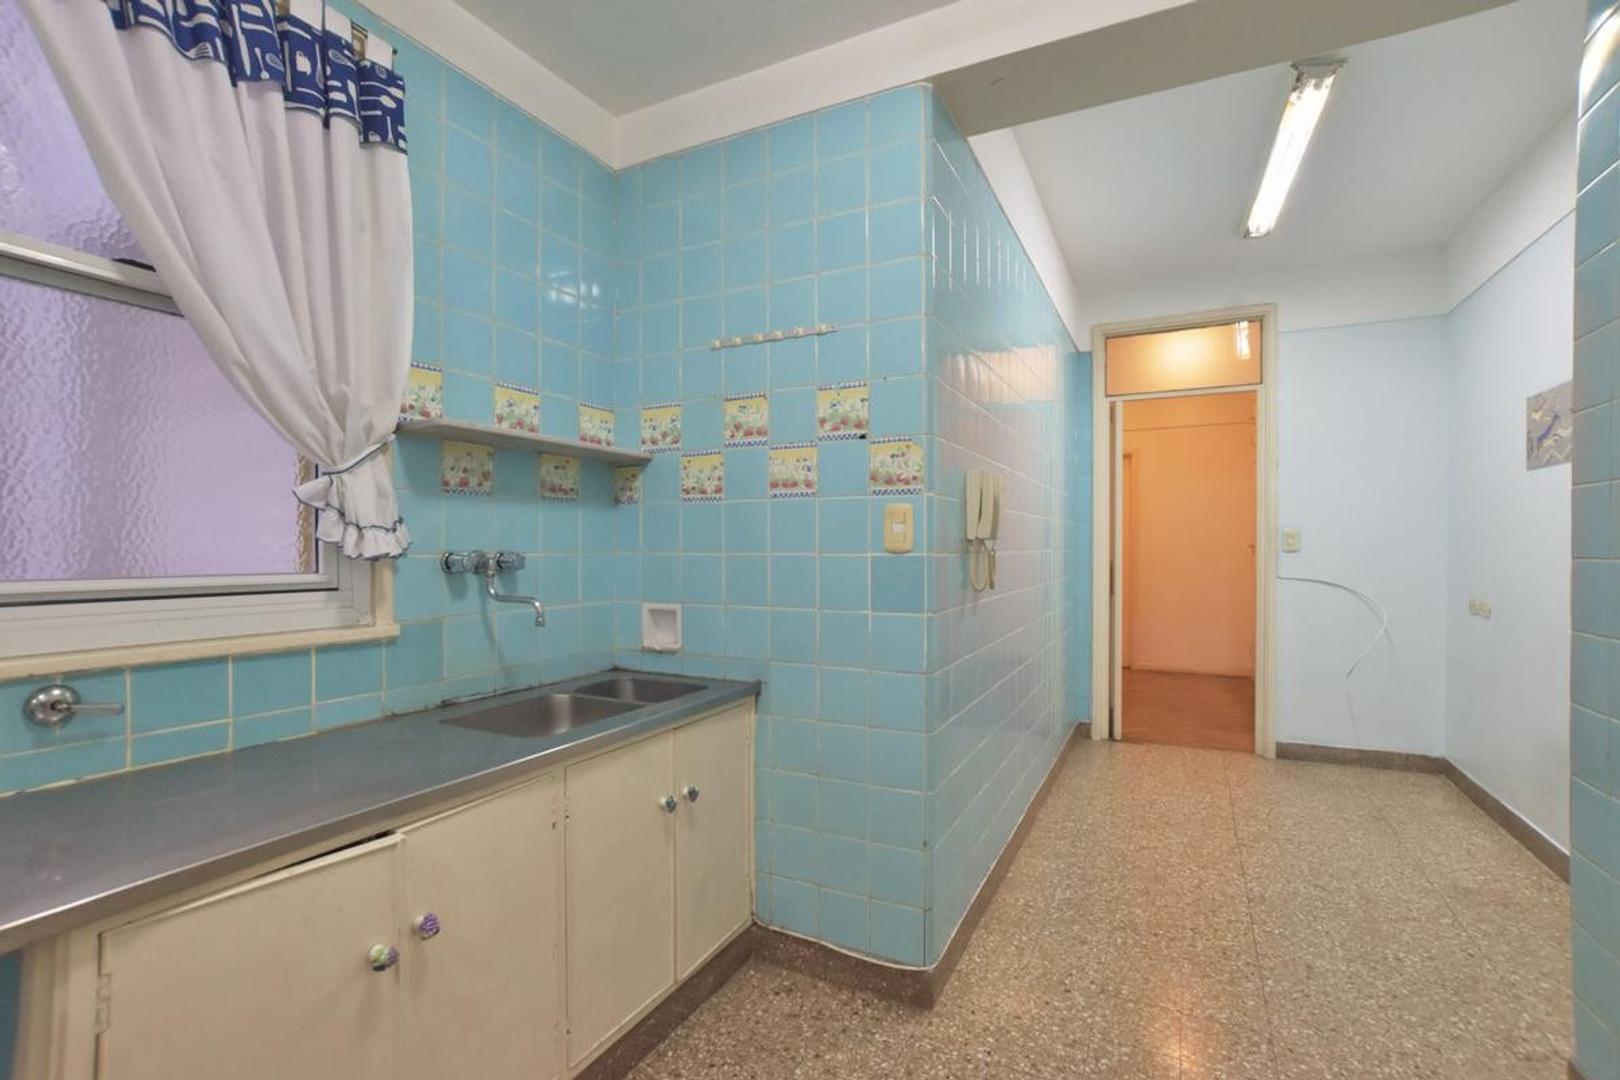 Departamento - Palermo - 4 Ambientes. c/dependencia y cochera - Foto 27